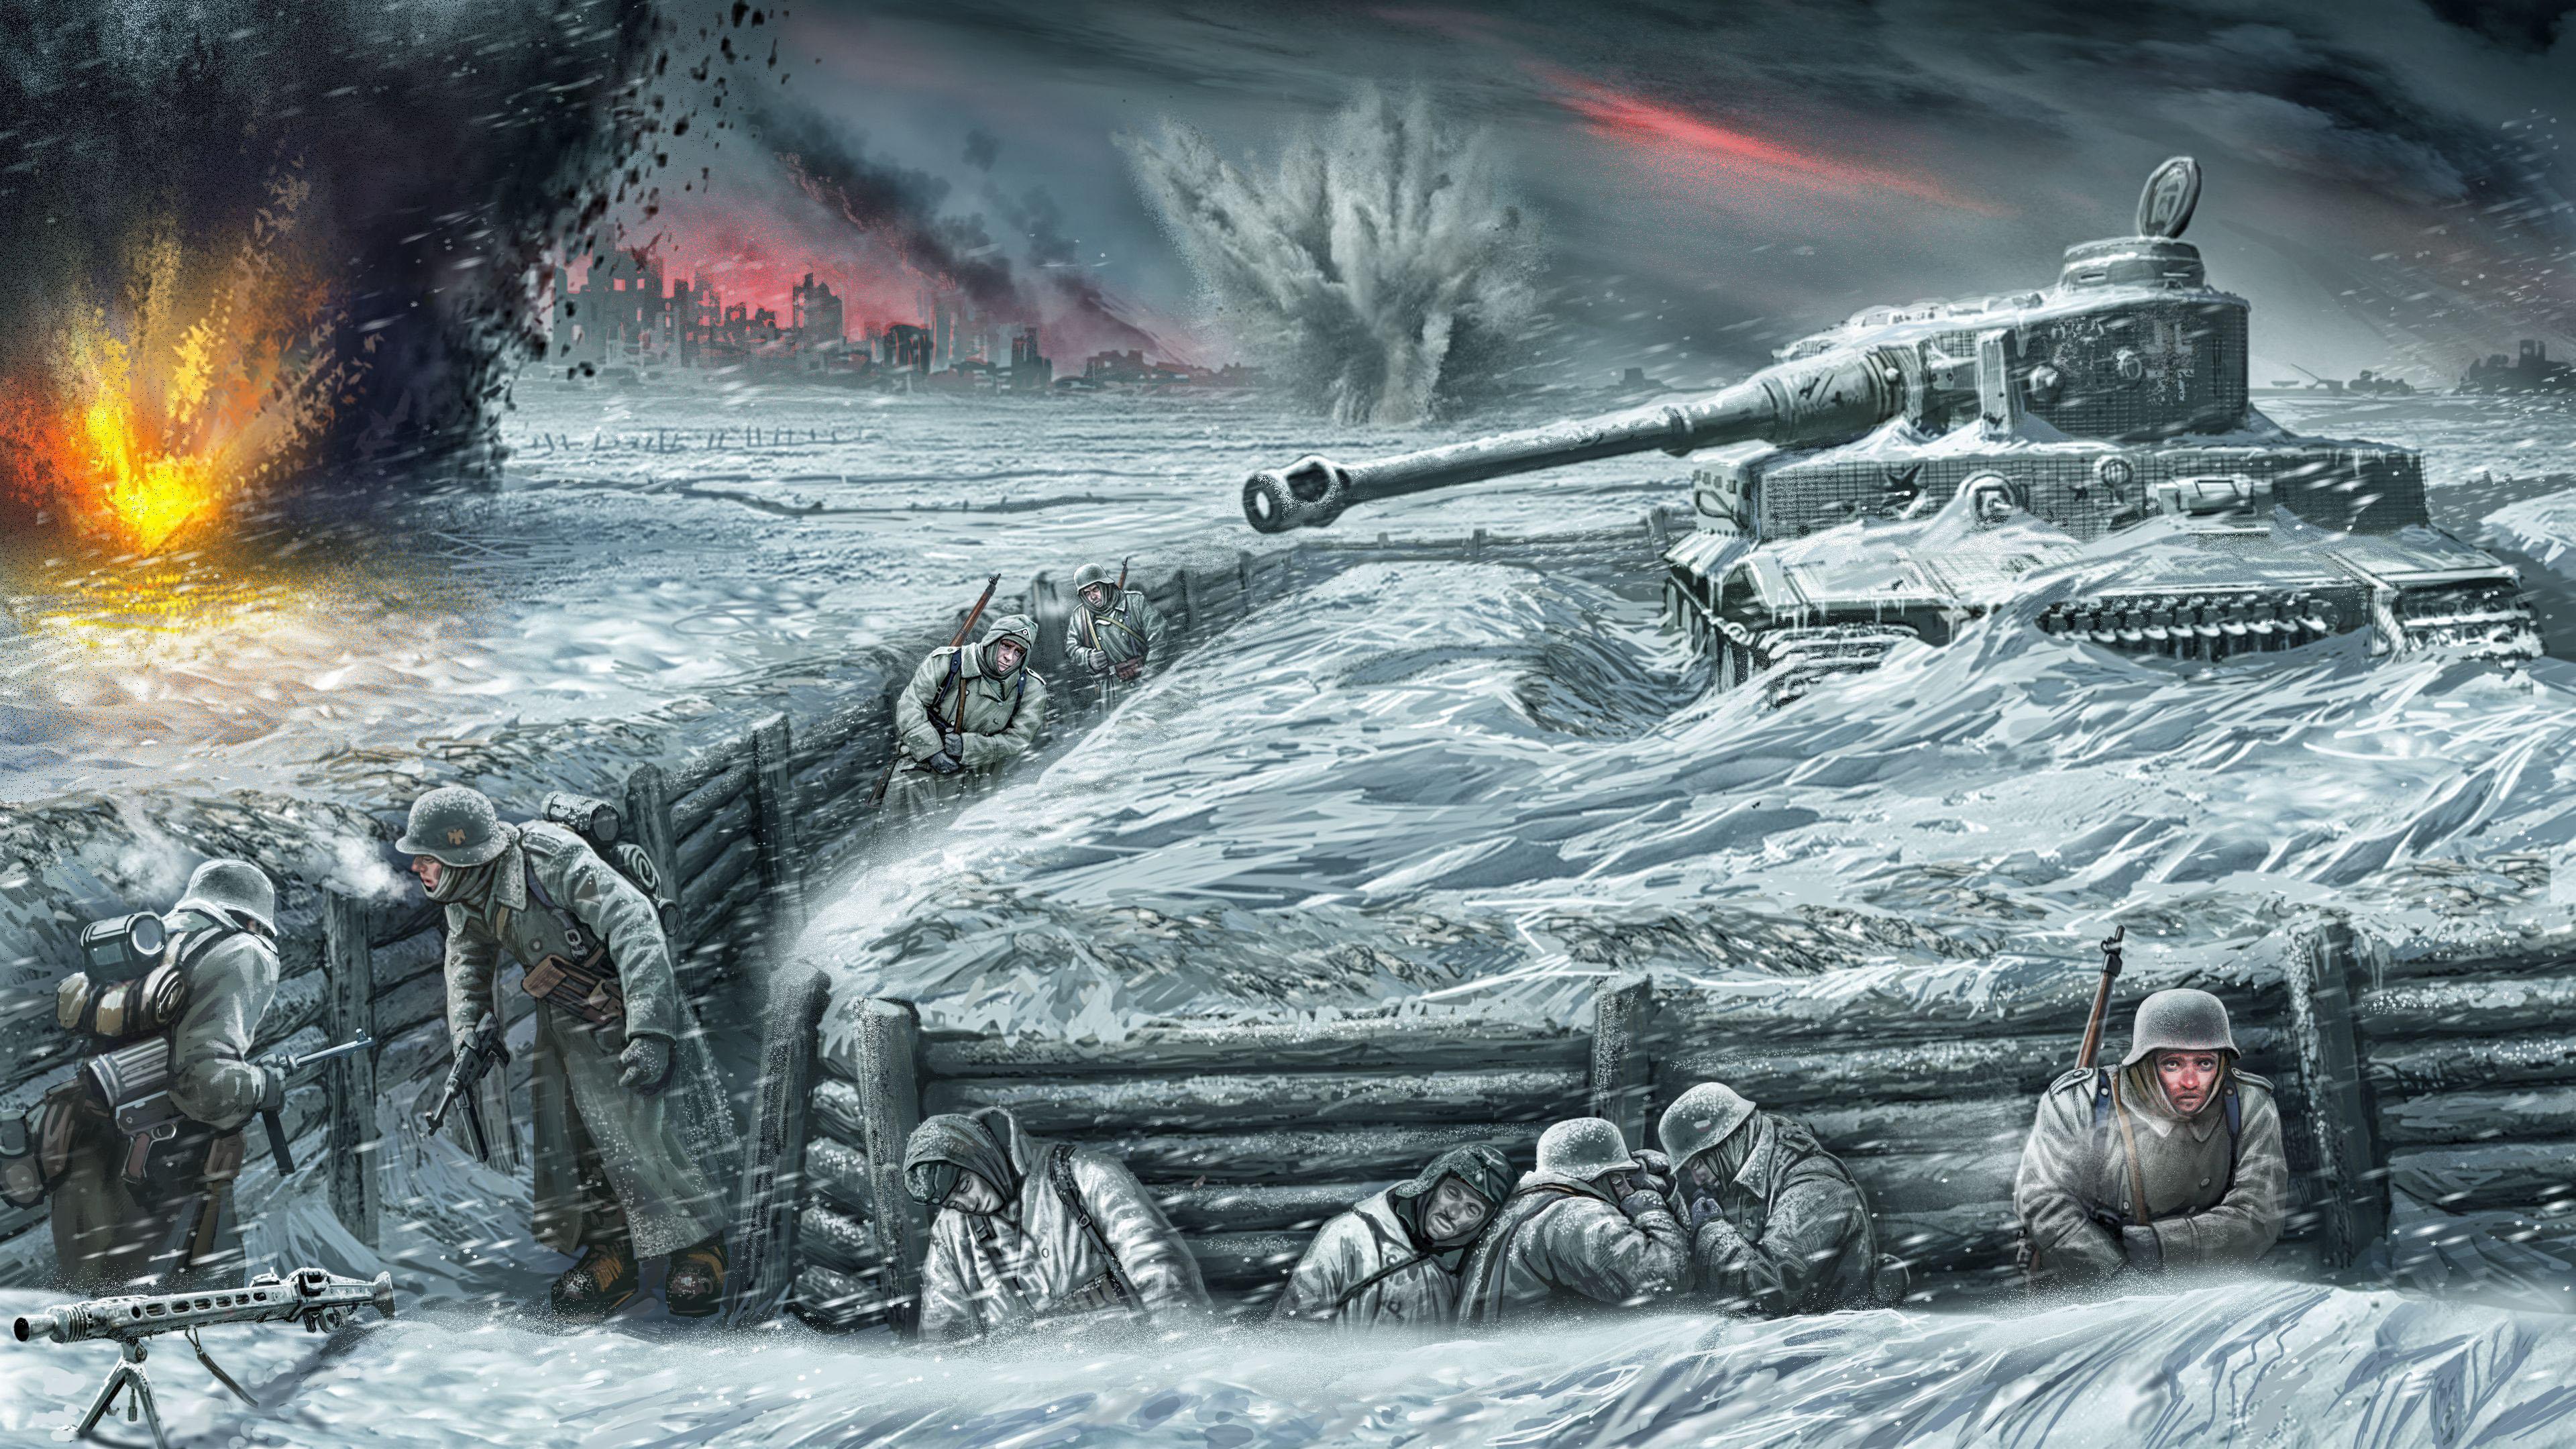 Танк в заснеженных сугробах,немцы в окопах прячутся от взрывов и холода